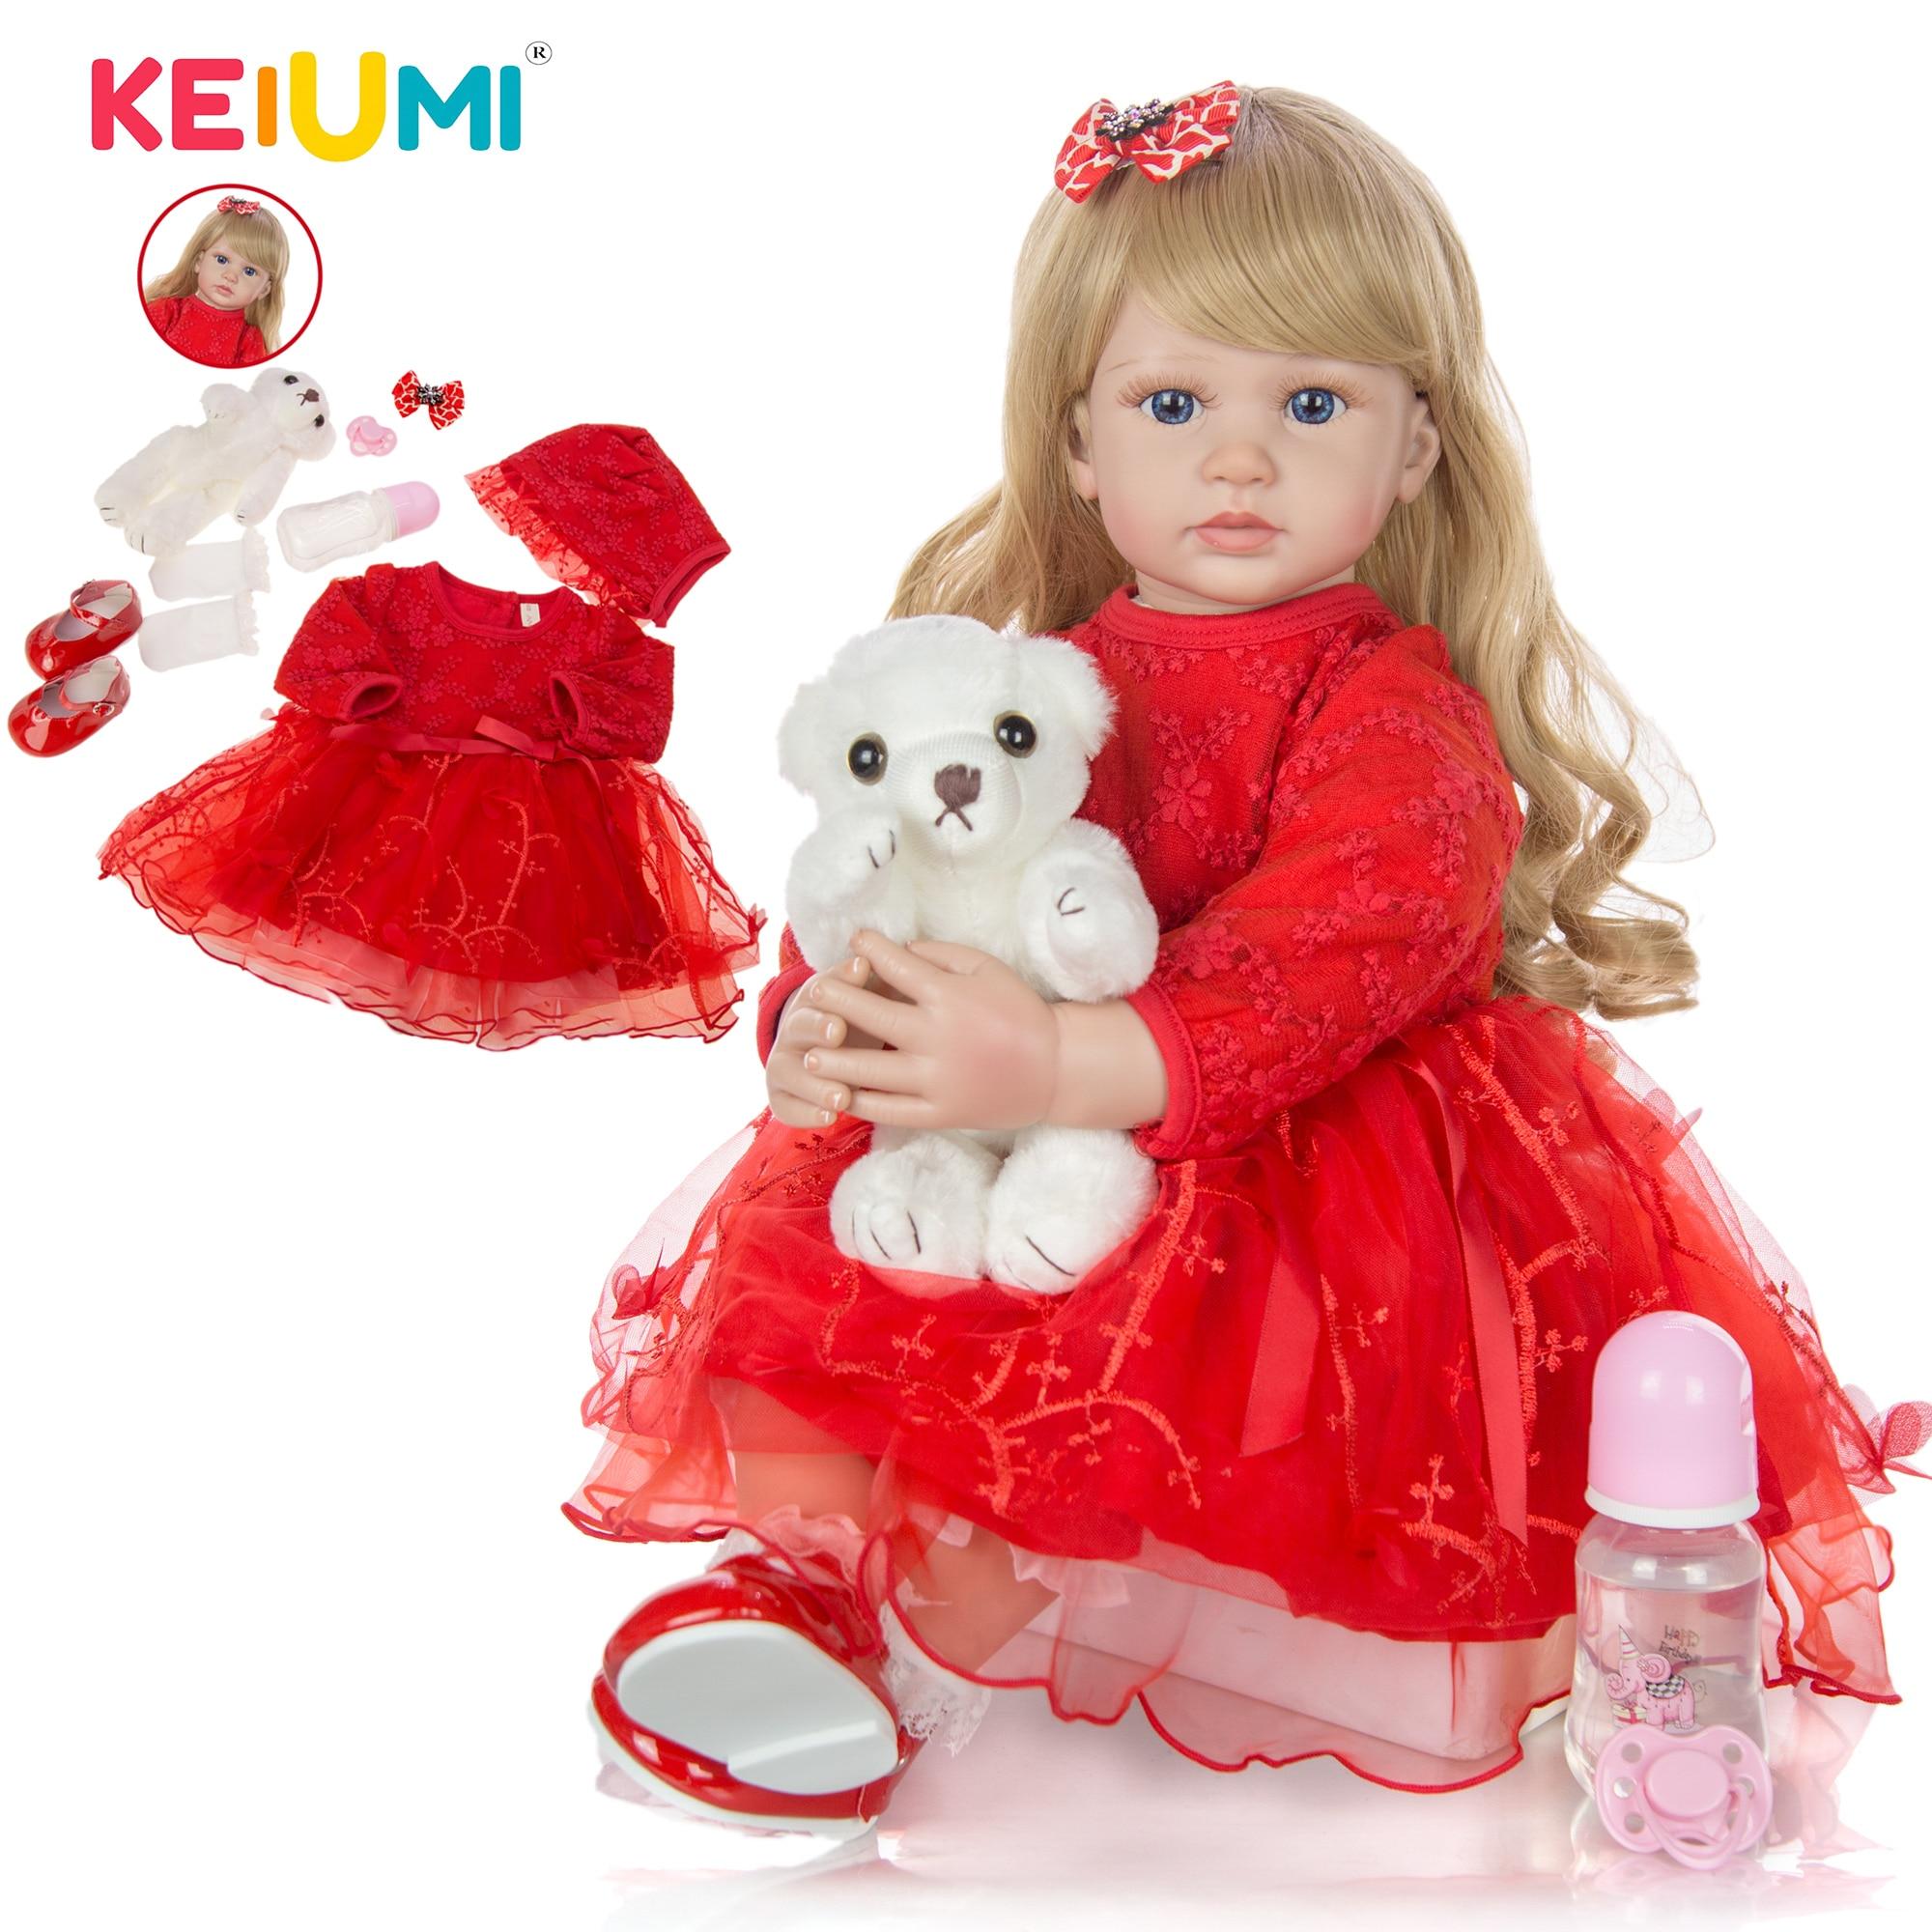 KEIUMI 24 дюйма элегантная кукла для новорожденных девочек 60 см мягкая виниловая ткань кукла принцессы Реалистичная кукла Boneca Reborn Kids Playmate